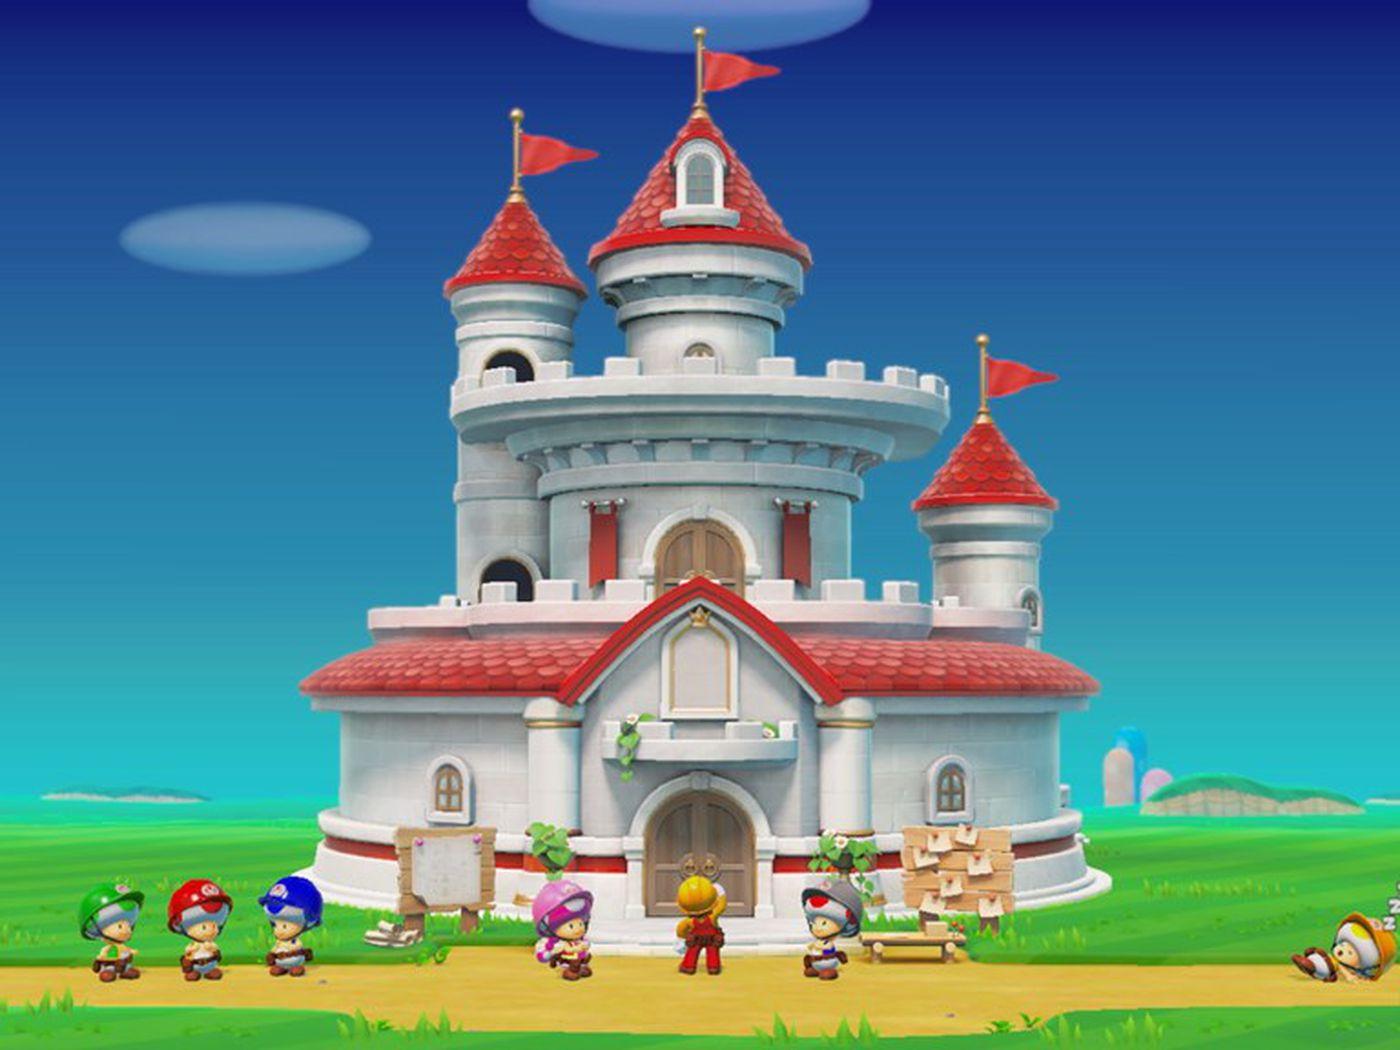 mario bros background castle